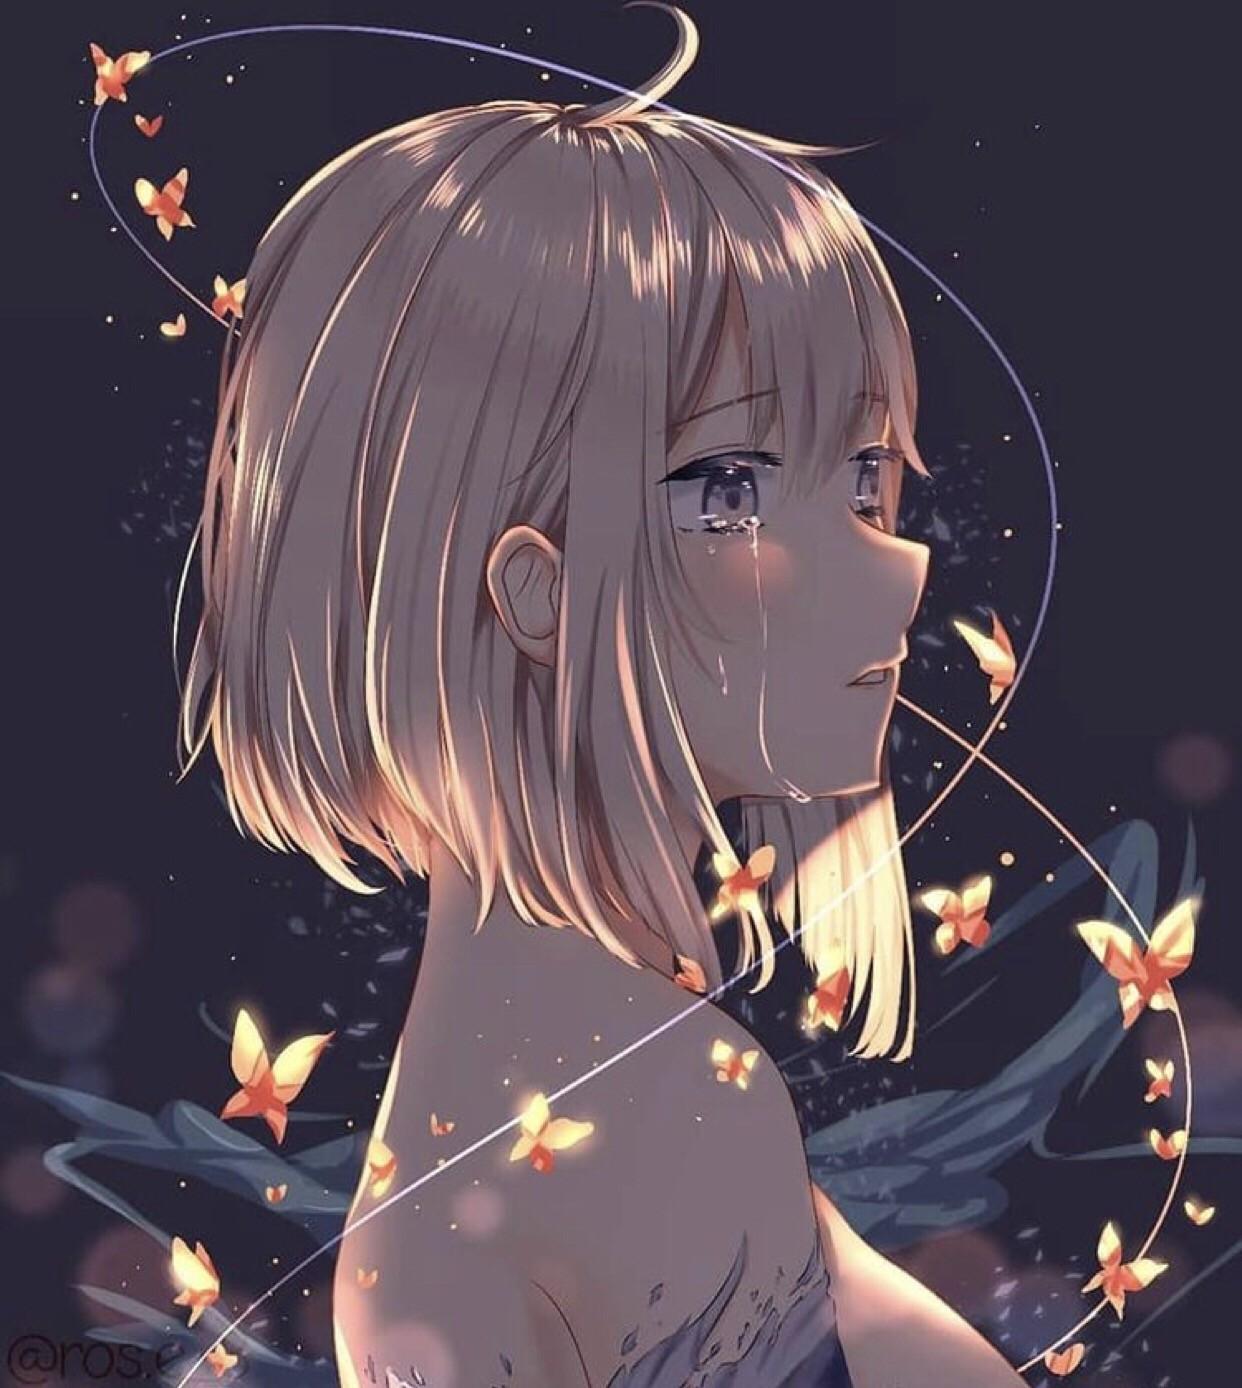 Ảnh Anime khóc buồn đầy tâm trạng